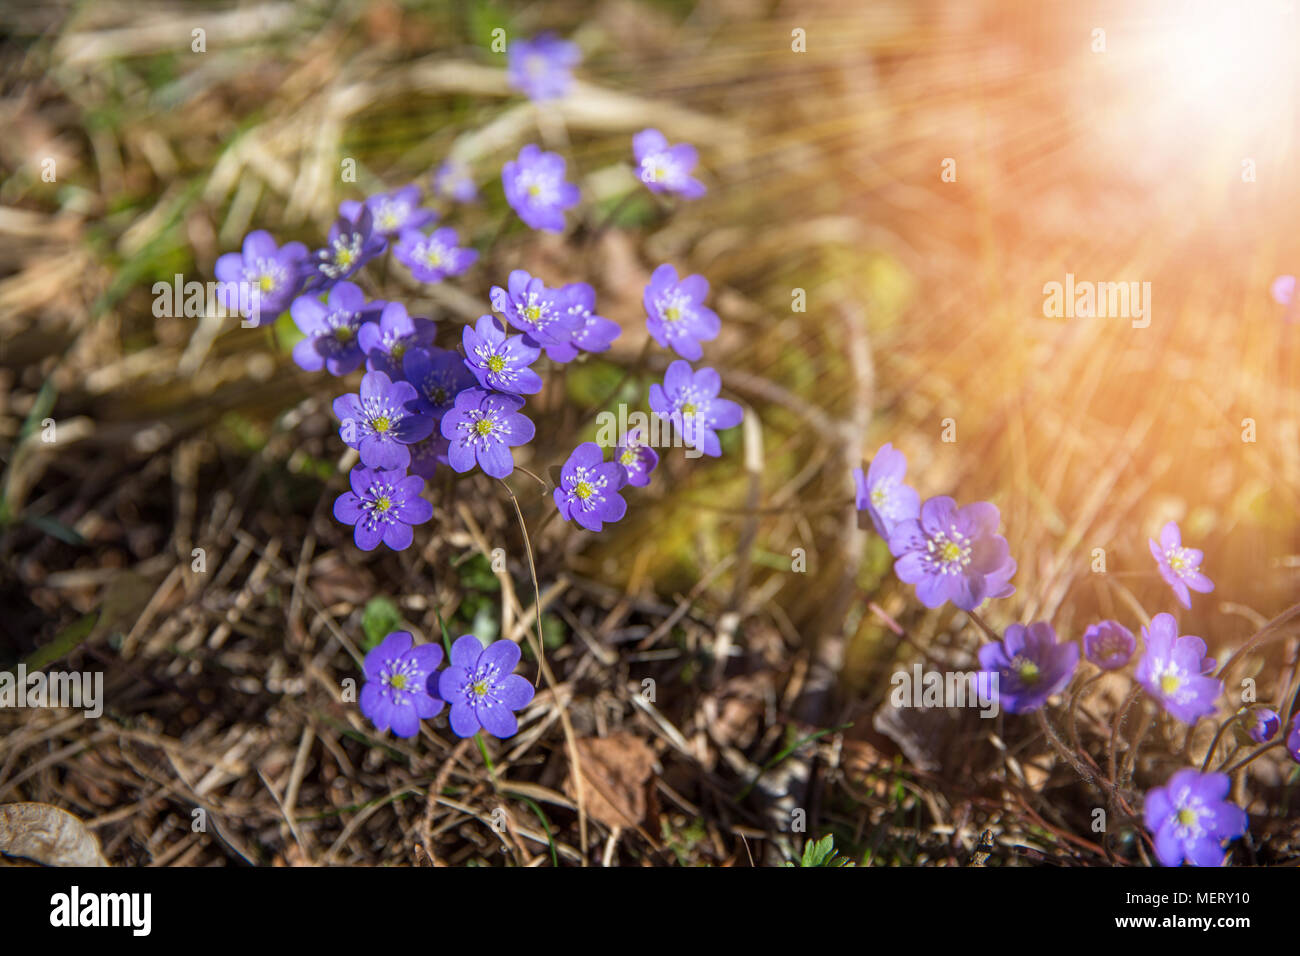 Common Hepatica, Hepatica nobilis in garden, First spring blue ...